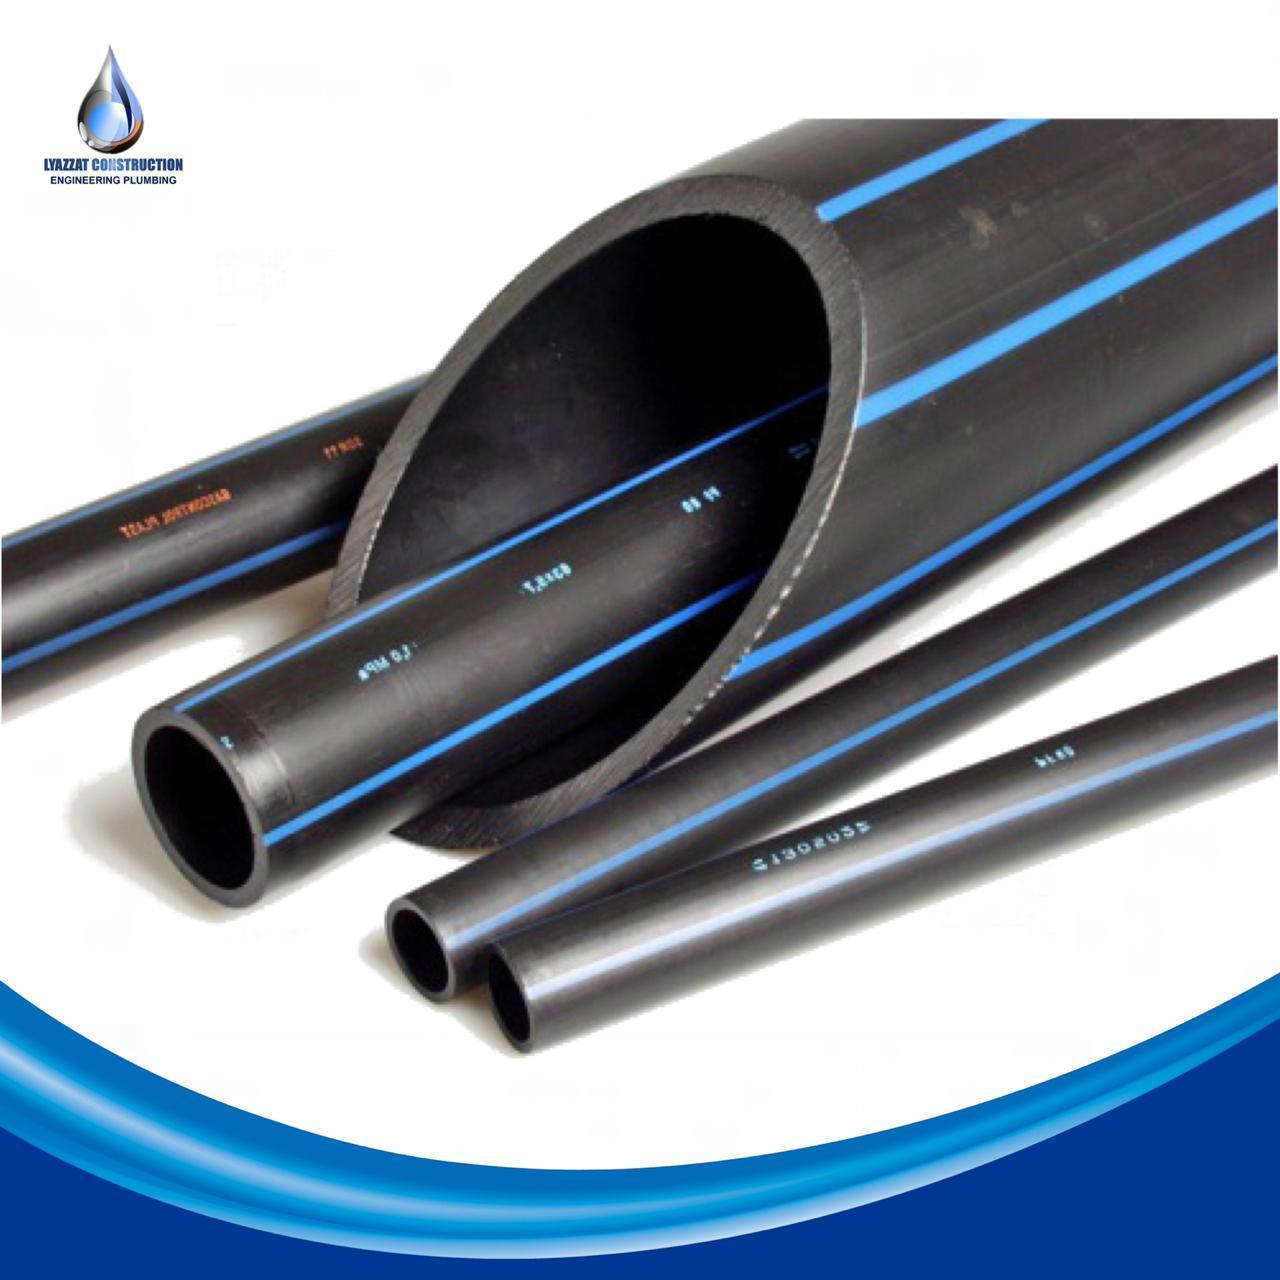 Труба полиэтиленовая SDR 21 DN 160x7.7